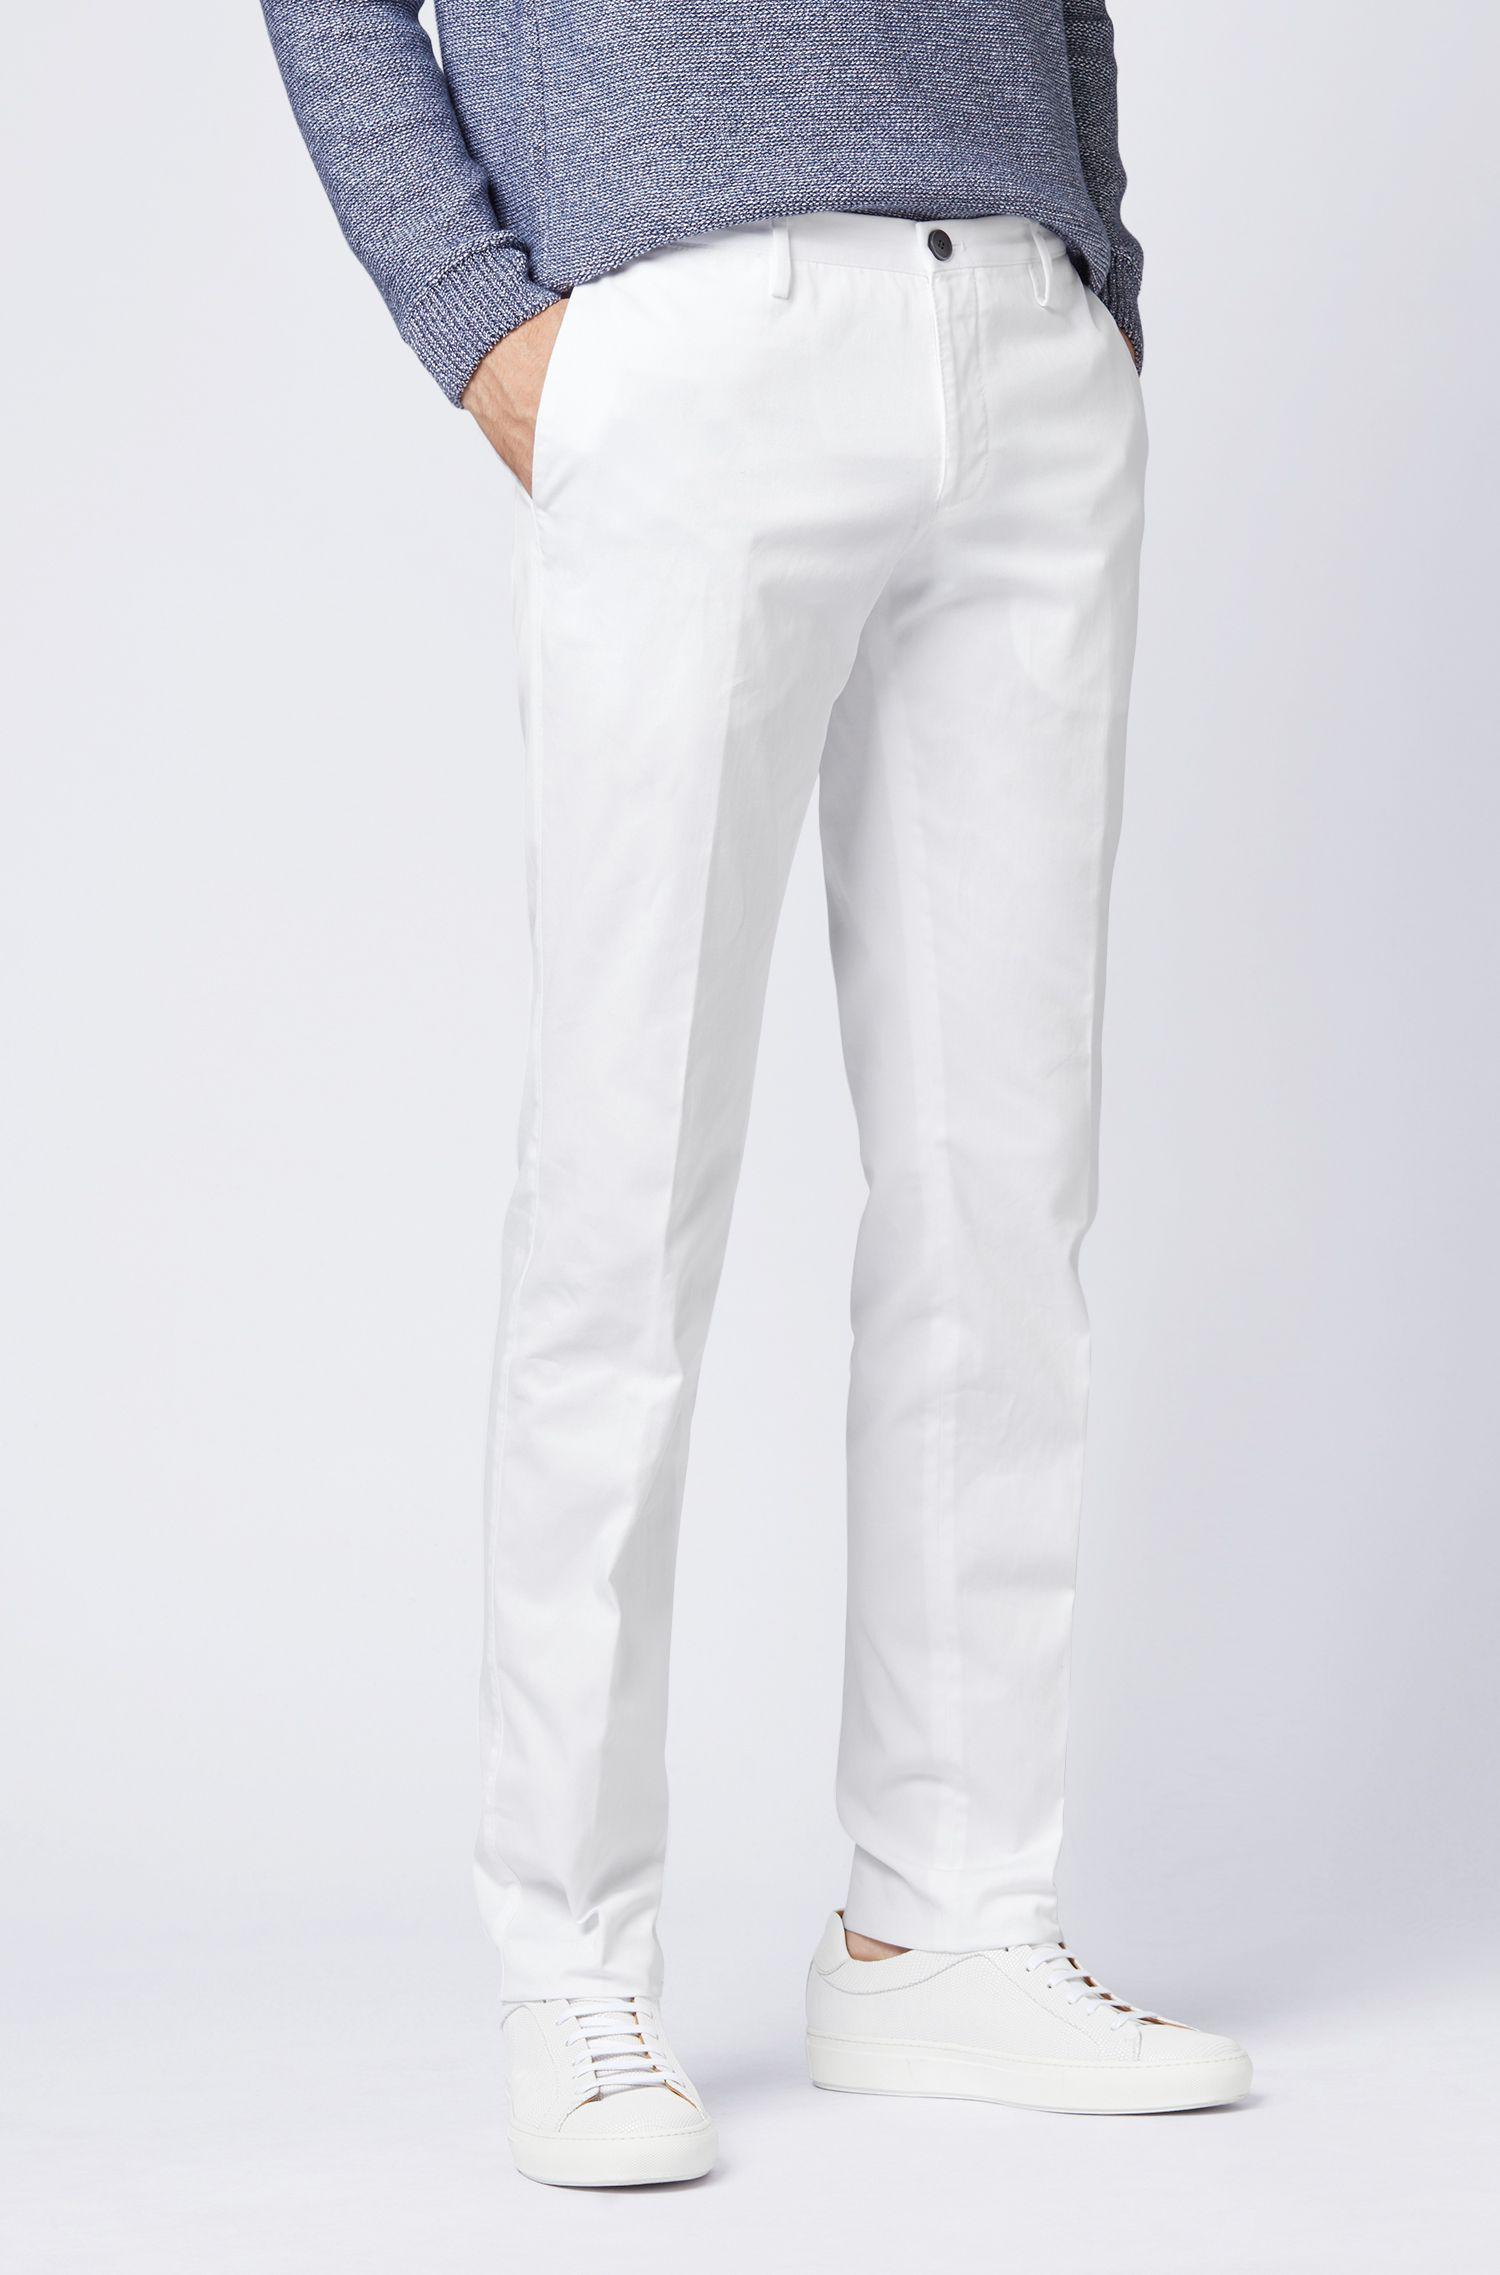 Hugo Boss - Pantalones slim fit de algodón elástico teñido en prenda - 3